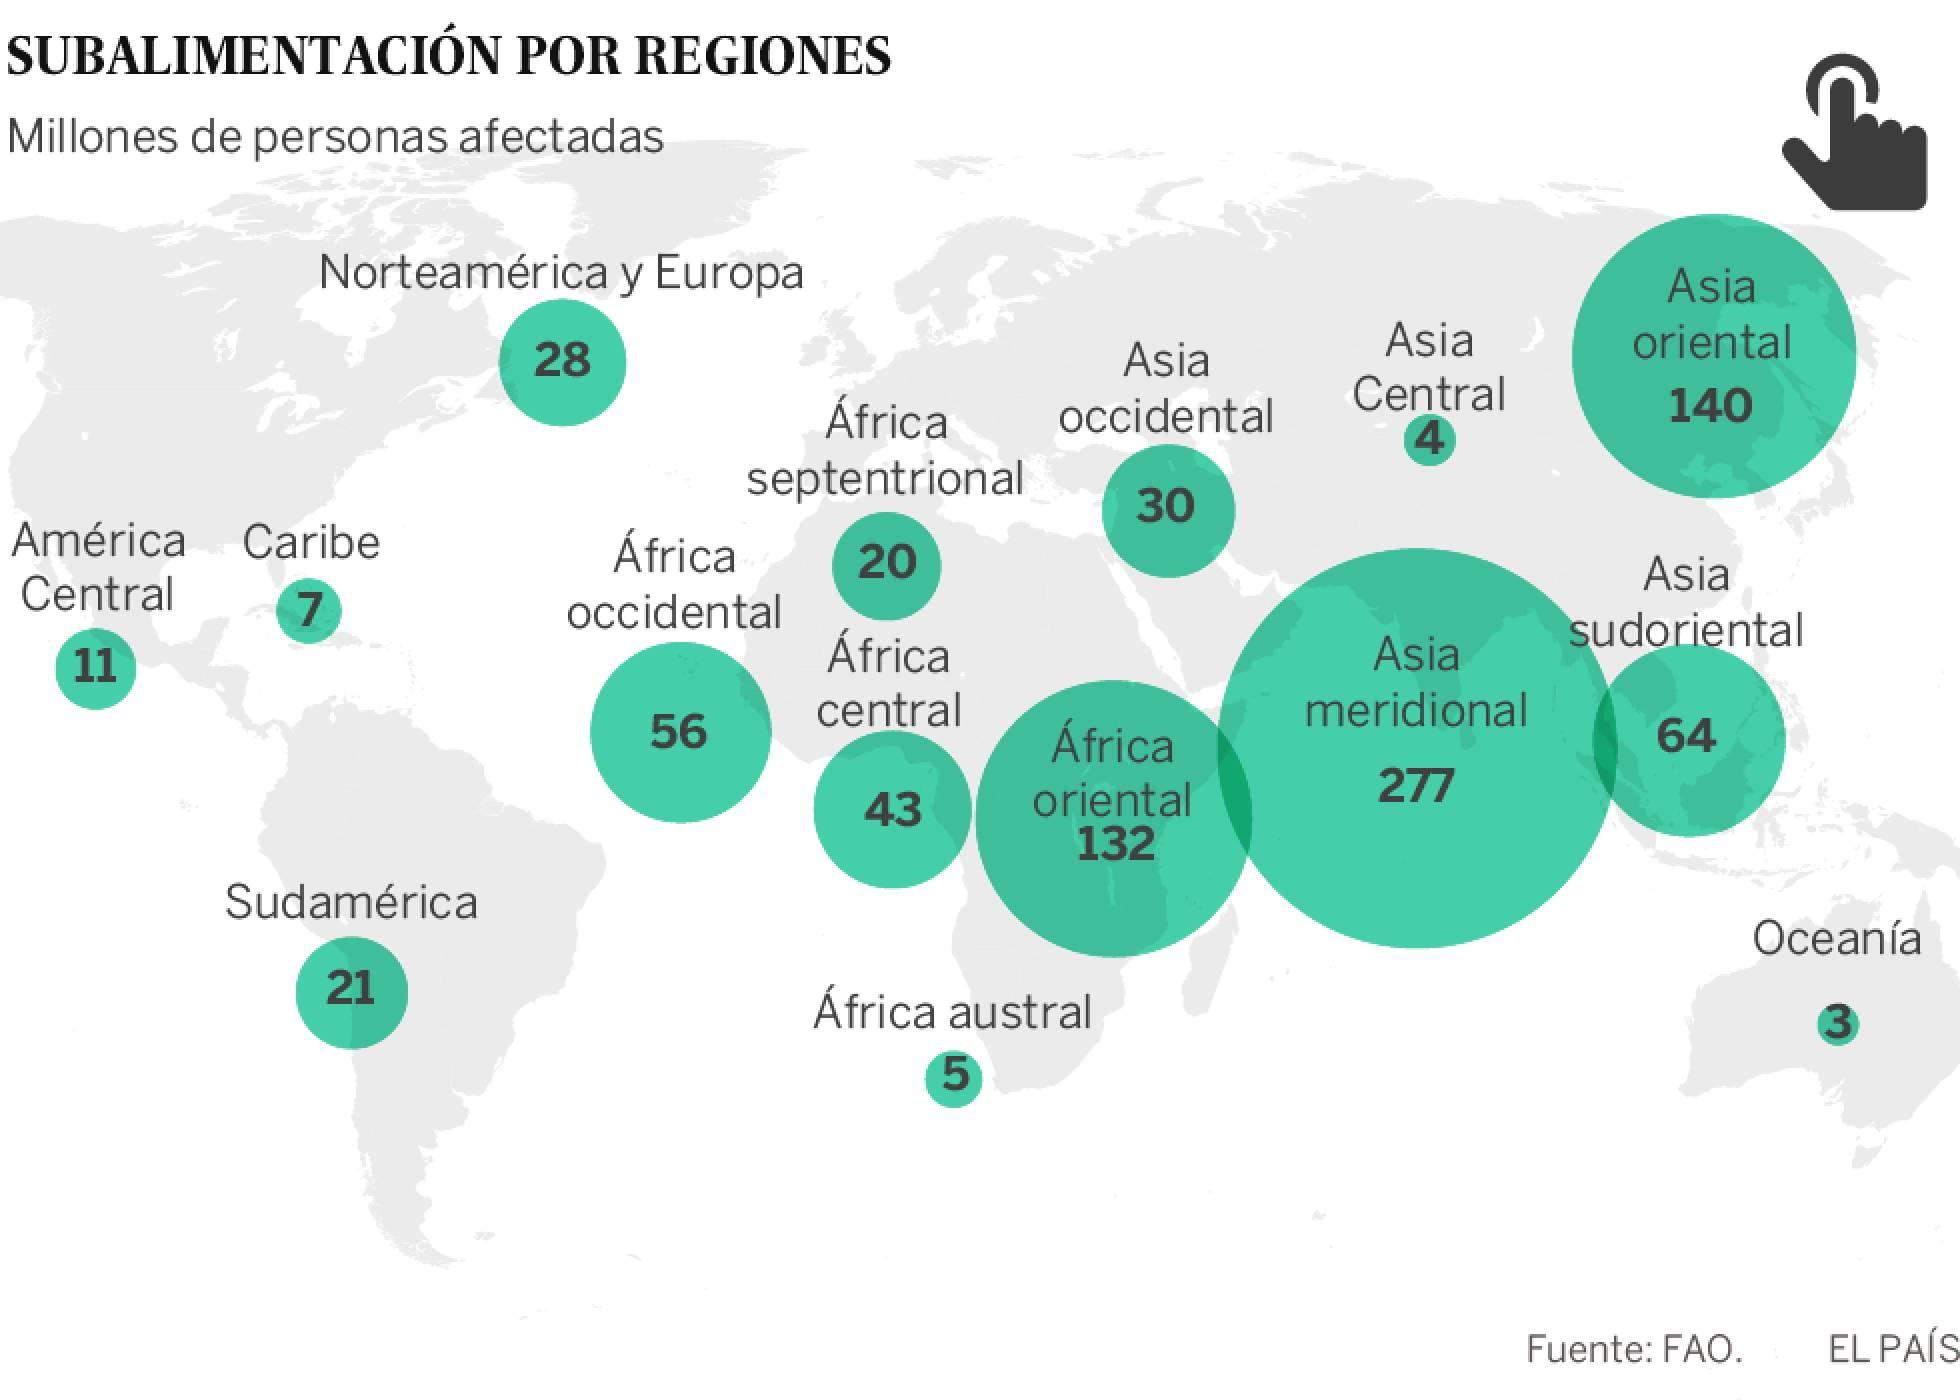 Millones de personas afectadas por la subalimentación en el mundo.